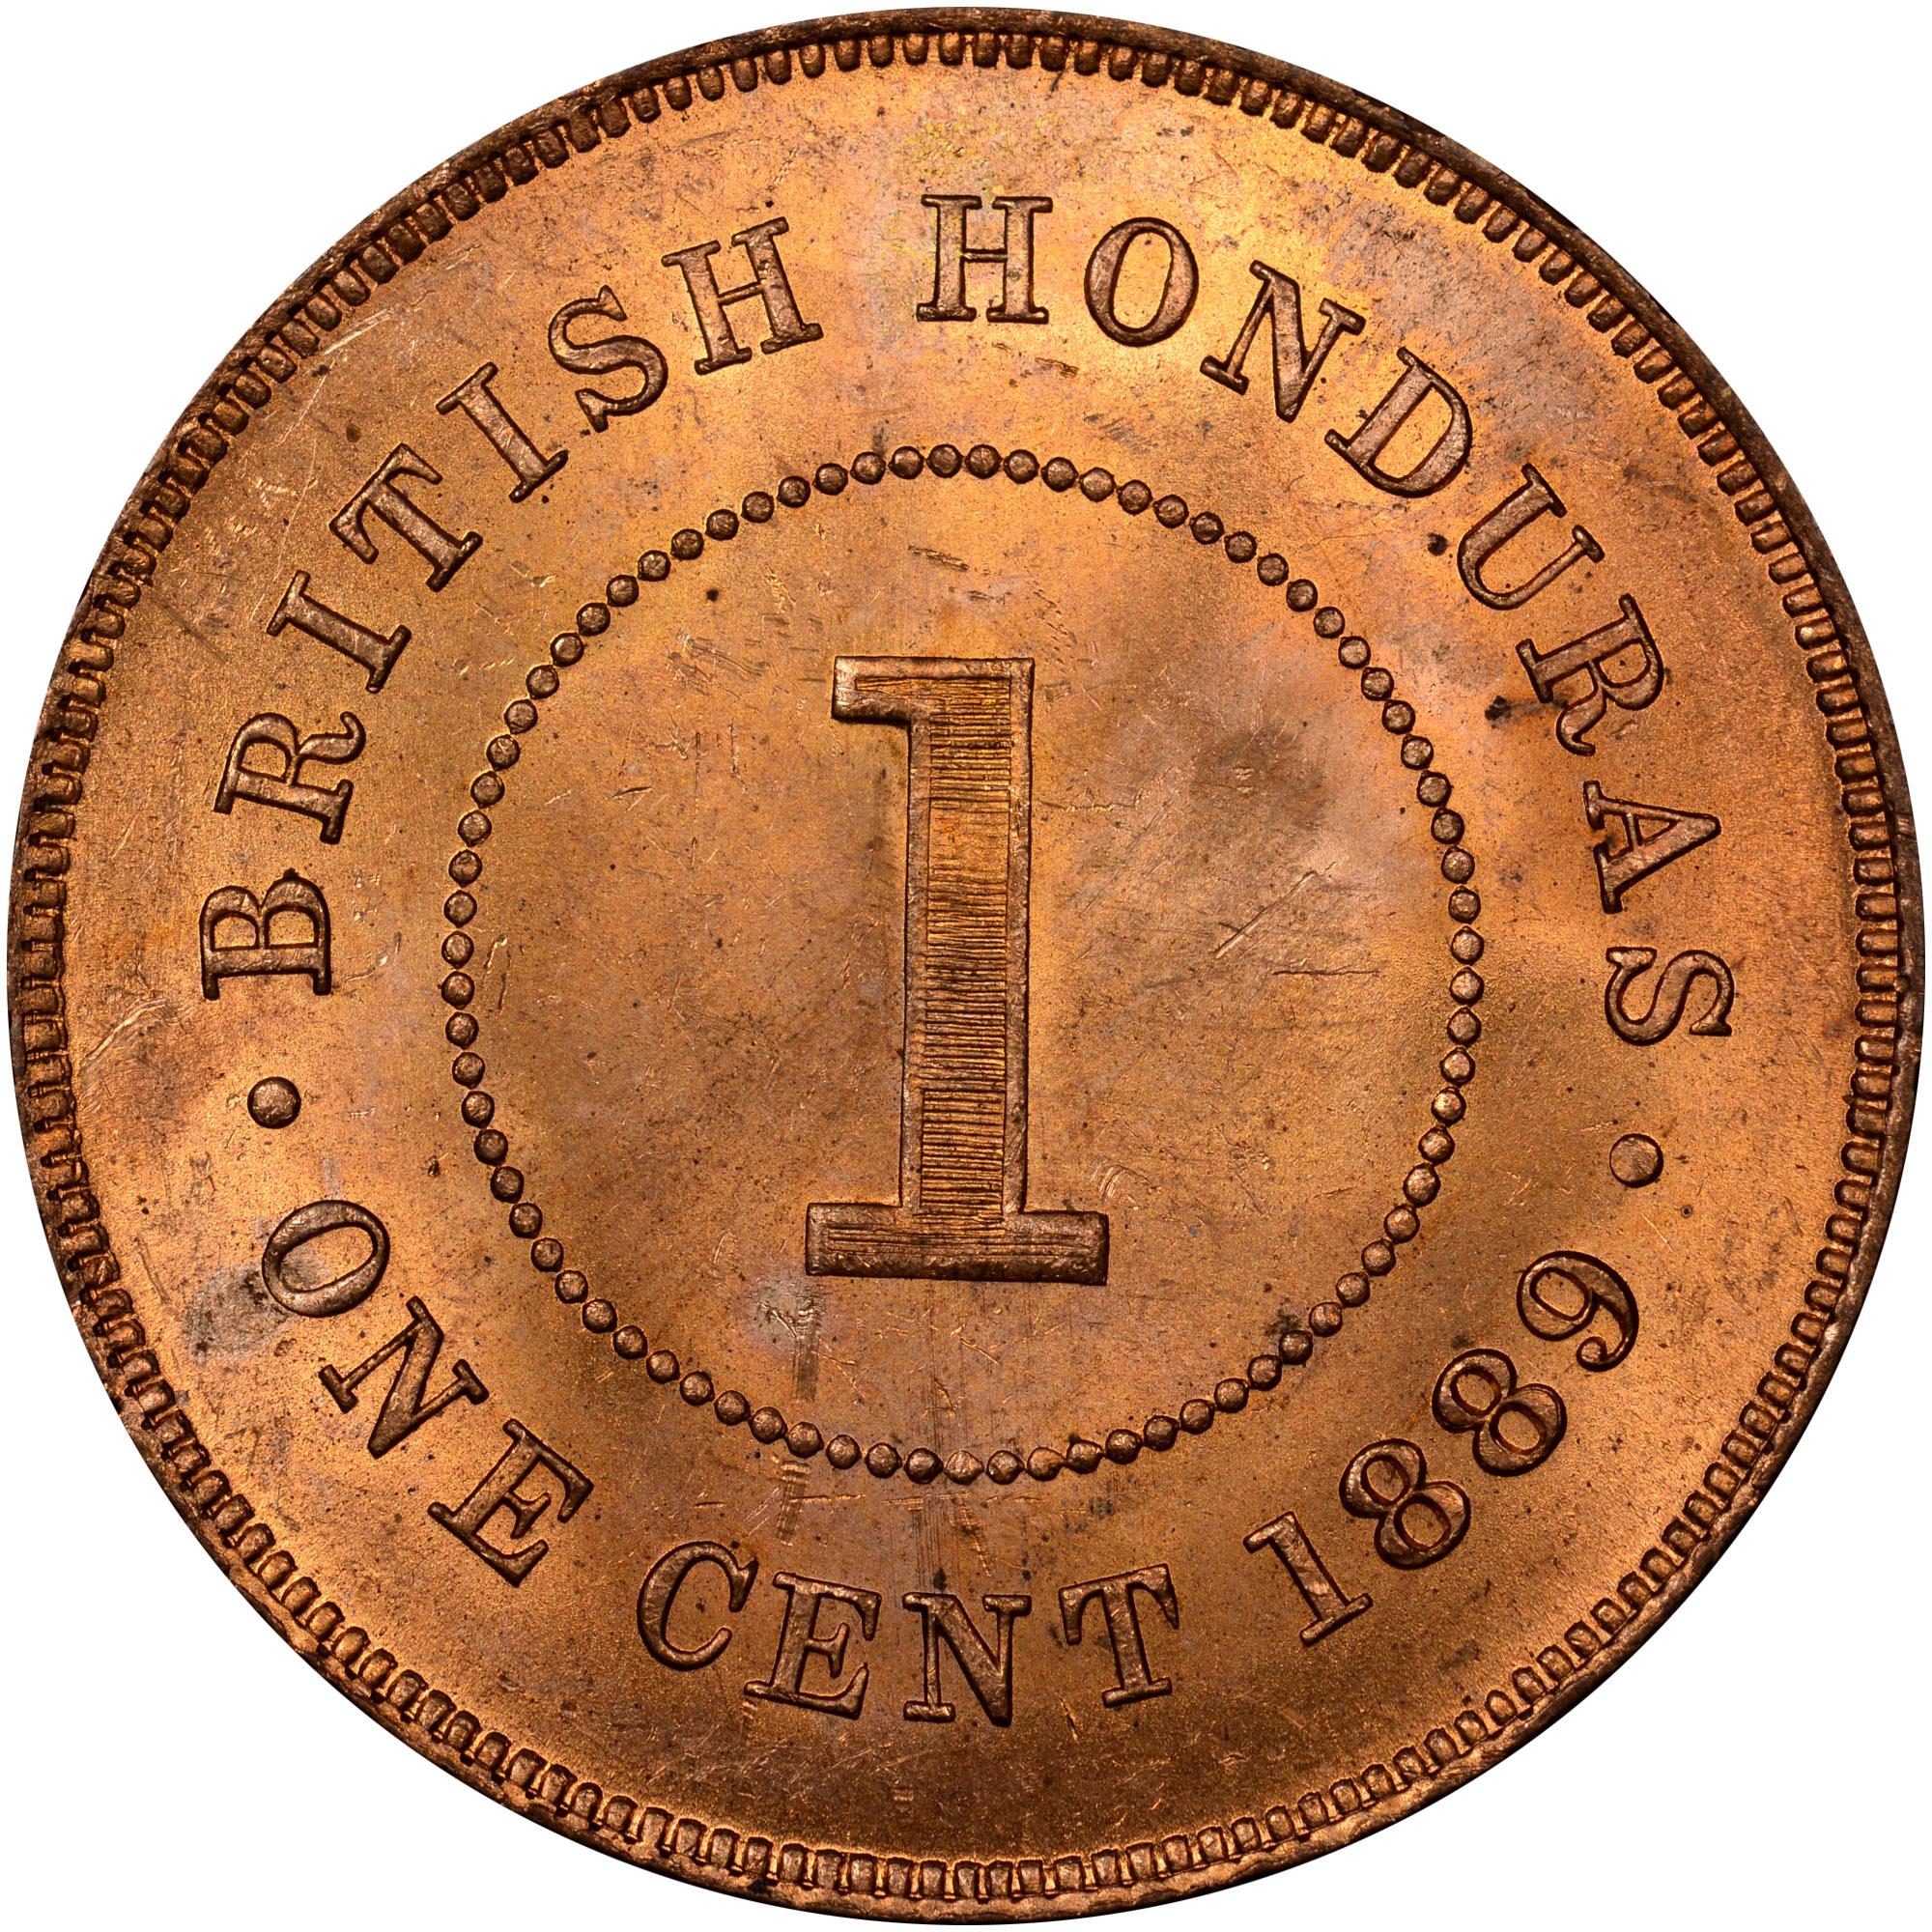 1885-1894 British Honduras Cent reverse